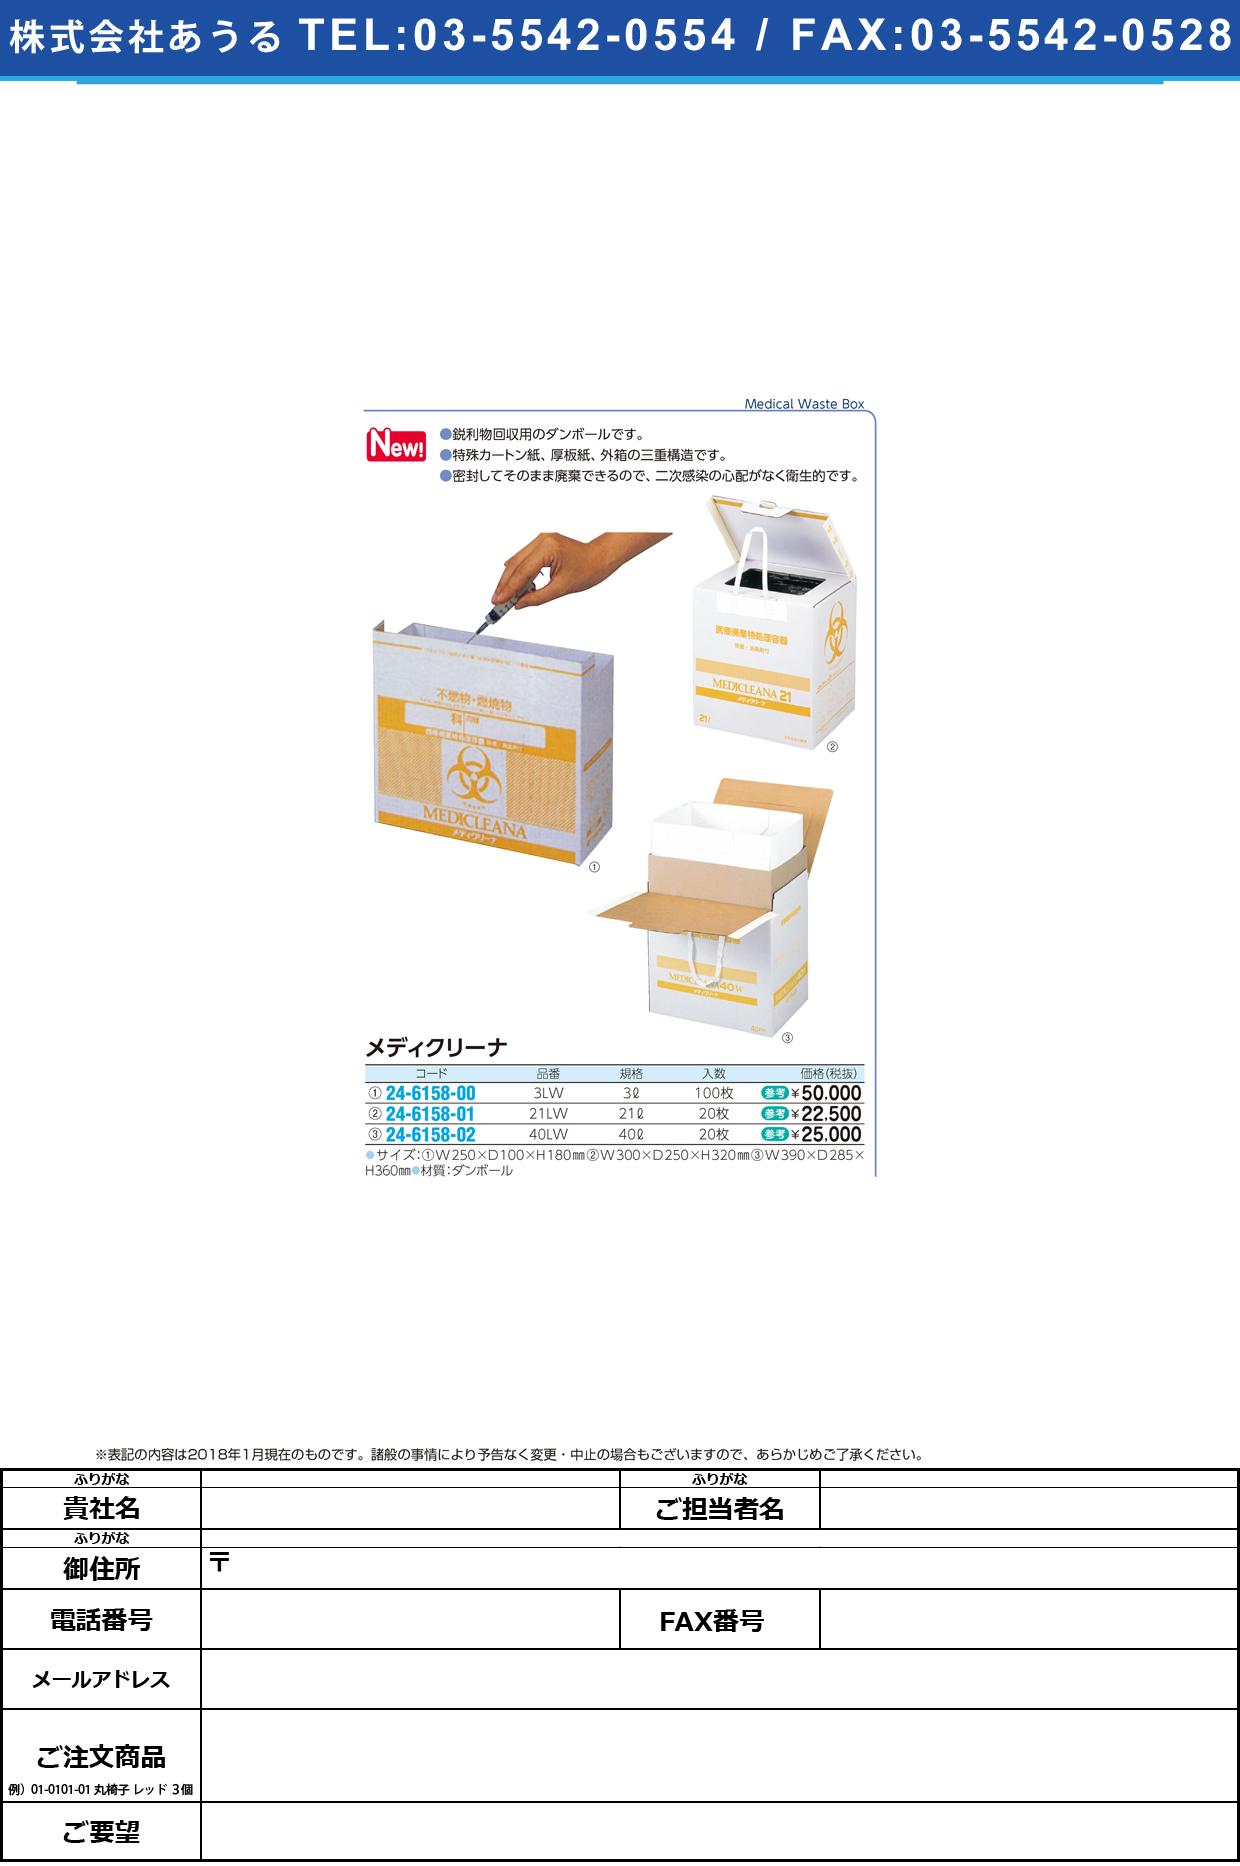 (24-6158-02)メディクリーナ40LW W390XD285XH360(20イリ) メディクリーナ40LW【1箱単位】【2018年カタログ商品】